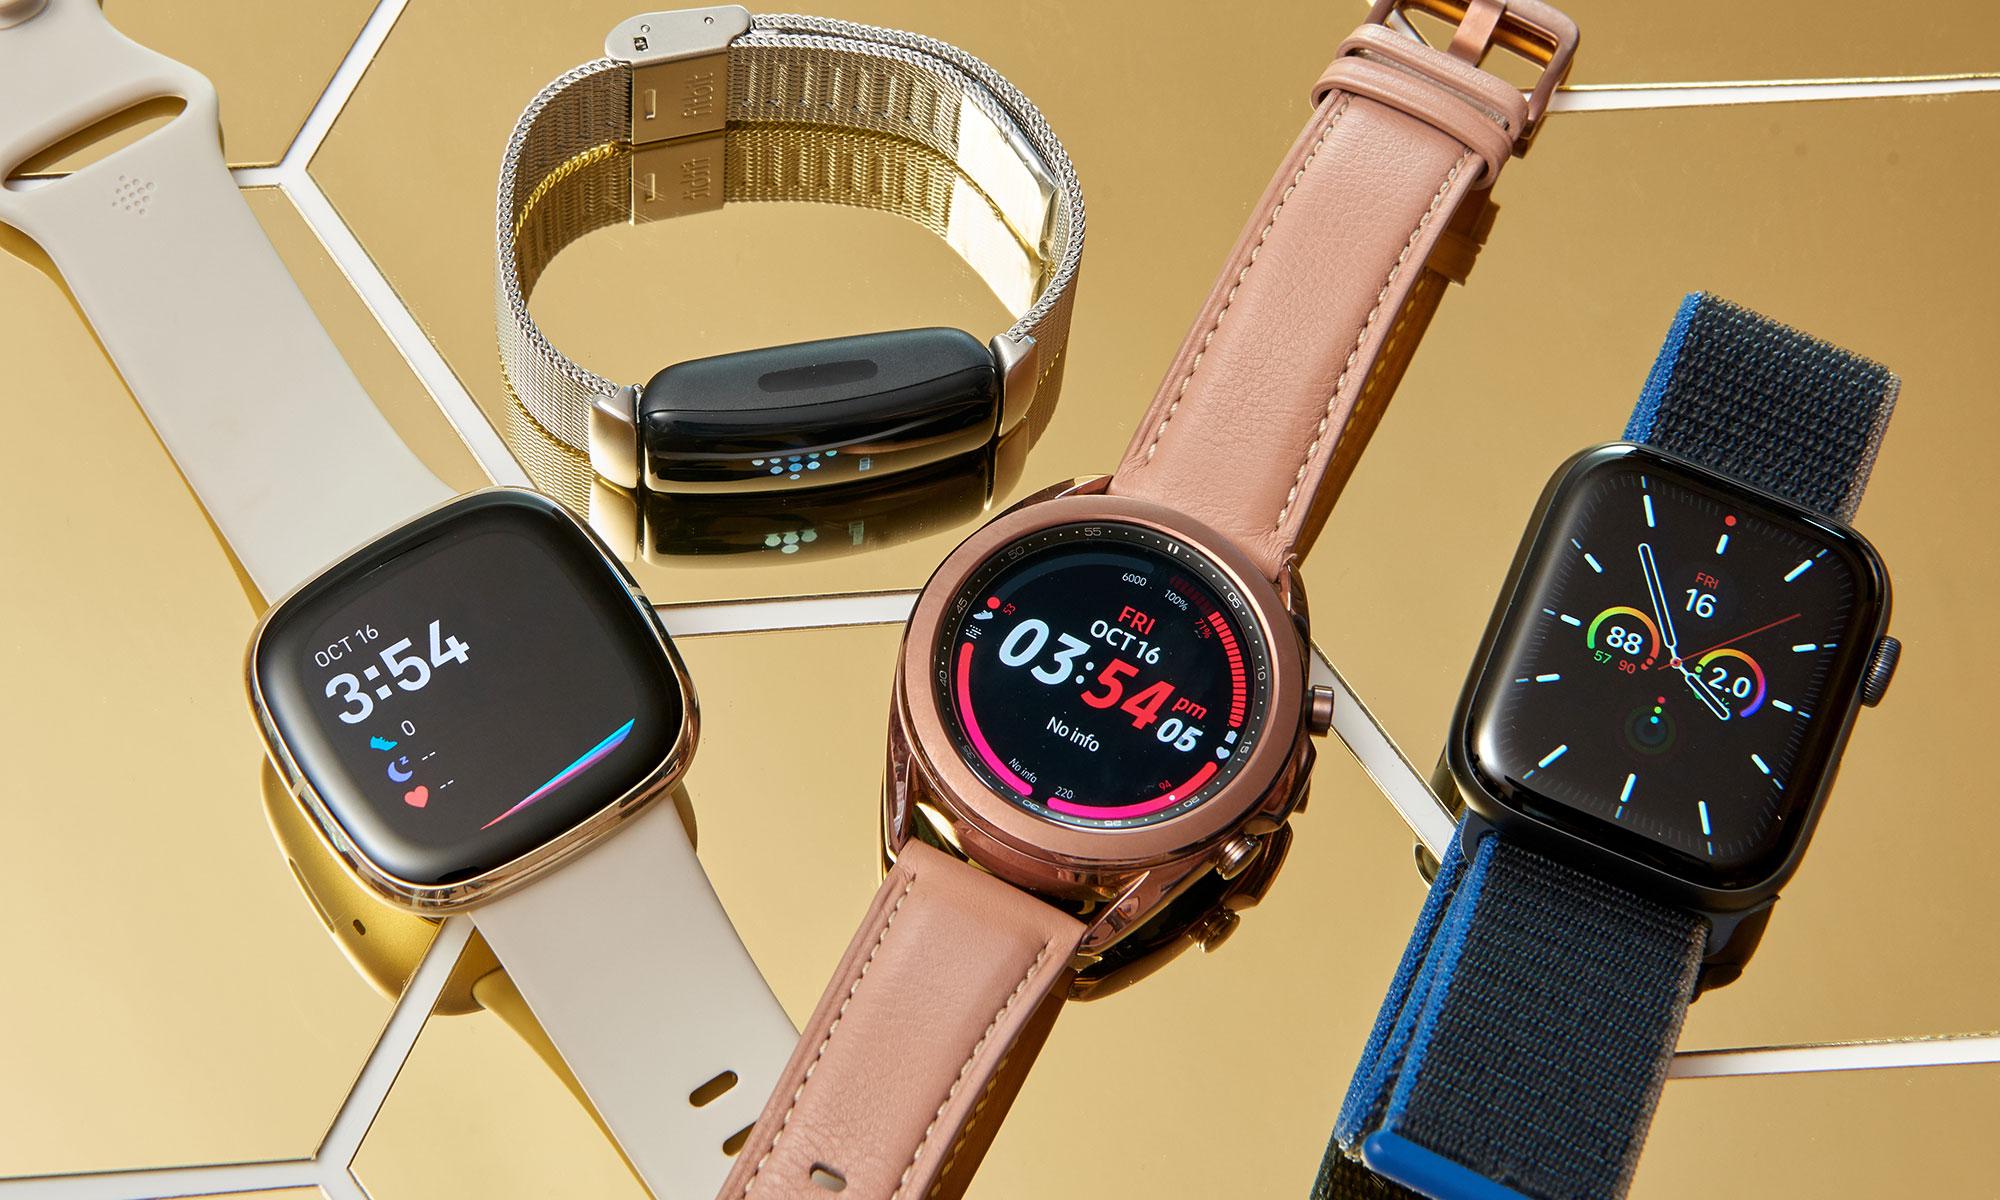 Hediye edilecek en iyi akıllı saatler, fitness takip cihazları ve giyilebilir ürünler | Engadget